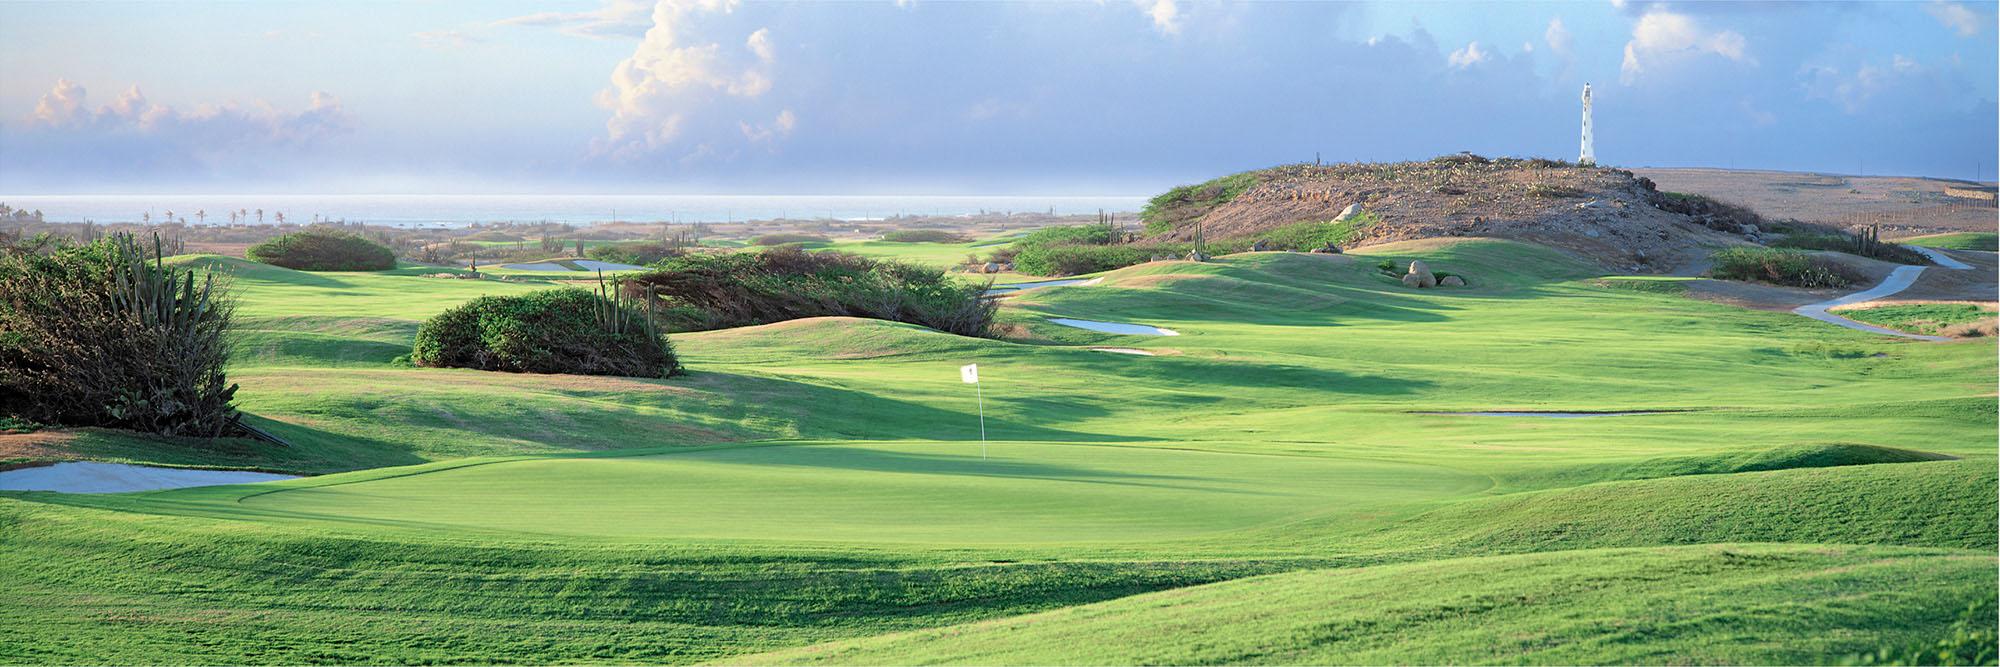 Golf Course Image - Tierra Del Sol No. 9